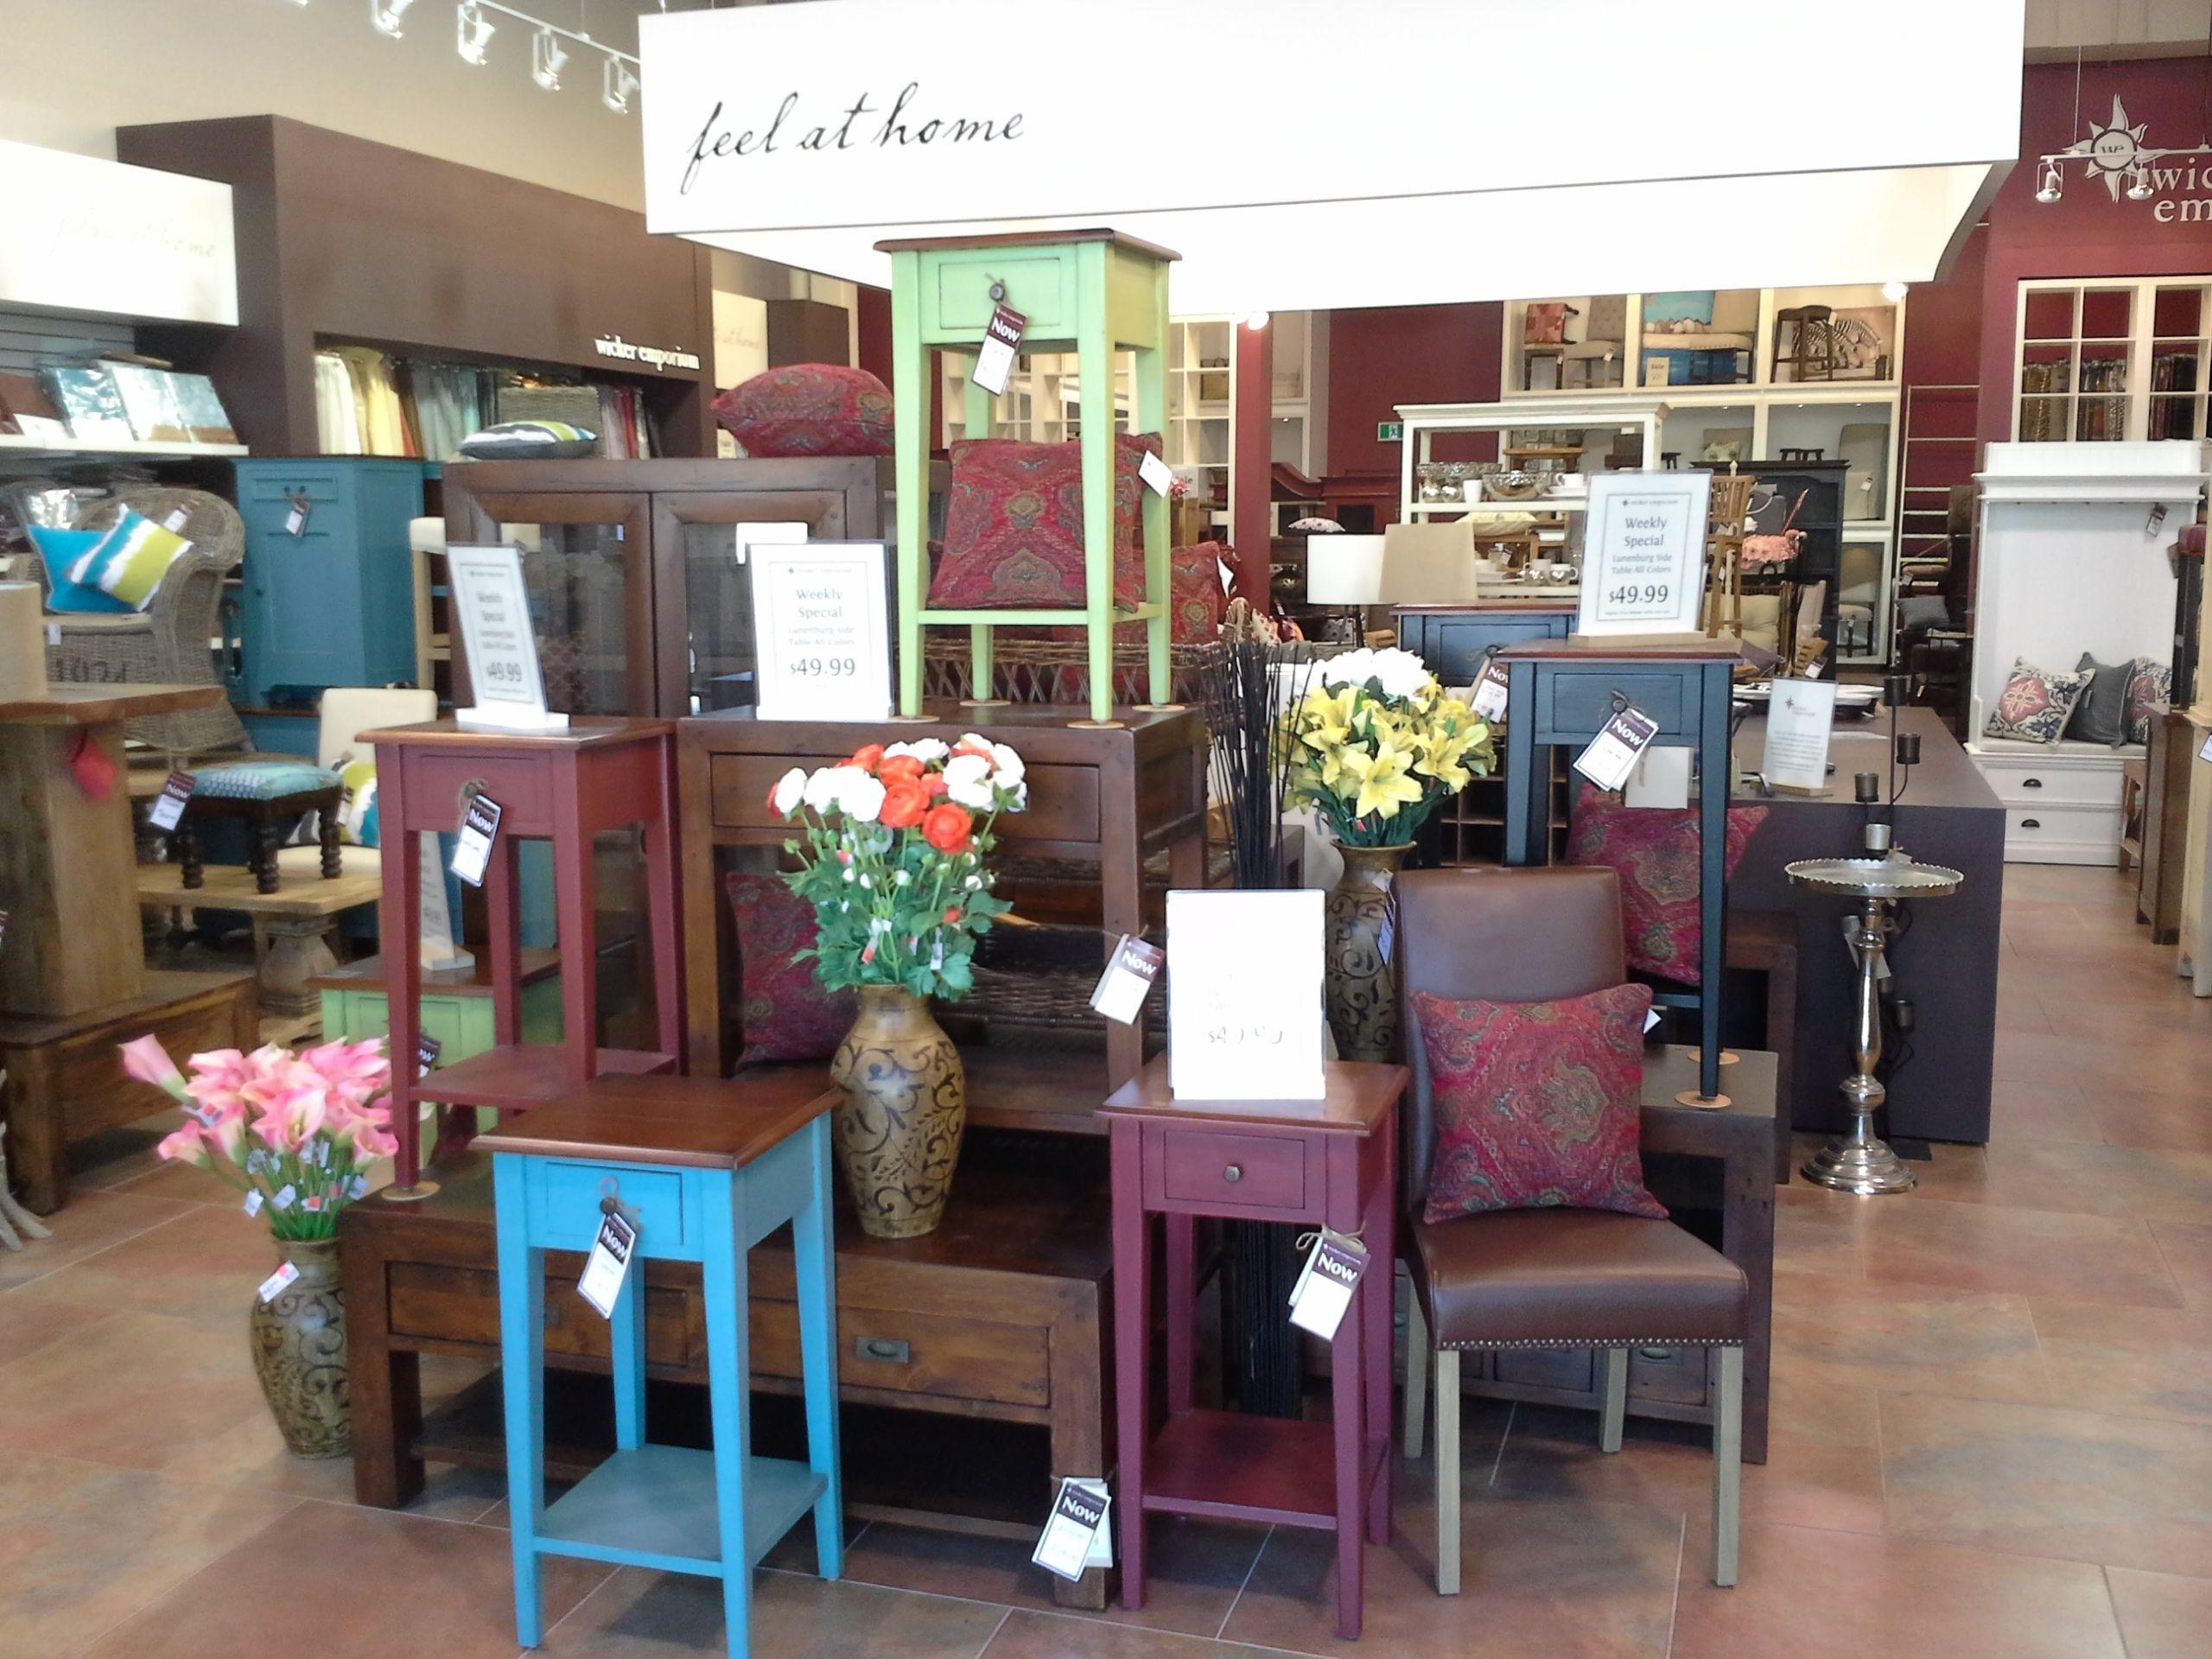 Wicker Emporium | Furniture And Home Decor | Www.wickeremporium.ca